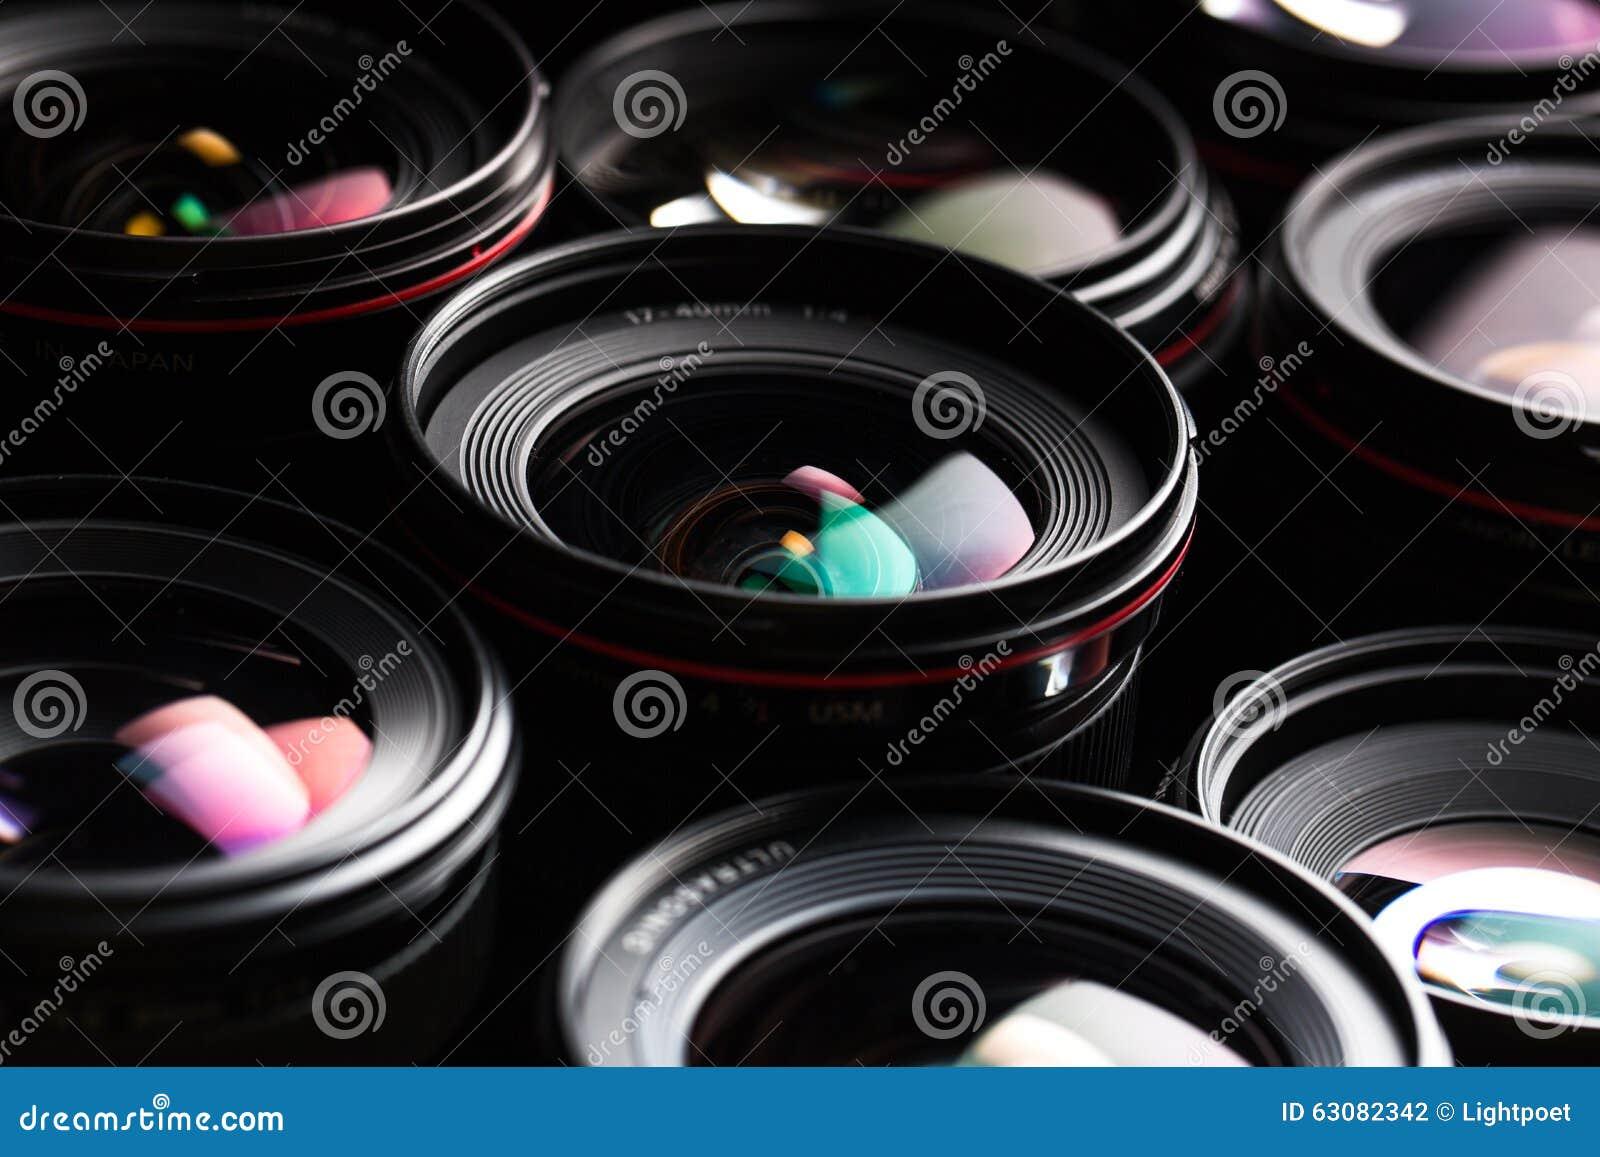 Download De DSLR D'appareil-photo De Llense Image Moderne Professionnelle De Clé Aïe Photo stock - Image du journaliste, lentille: 63082342